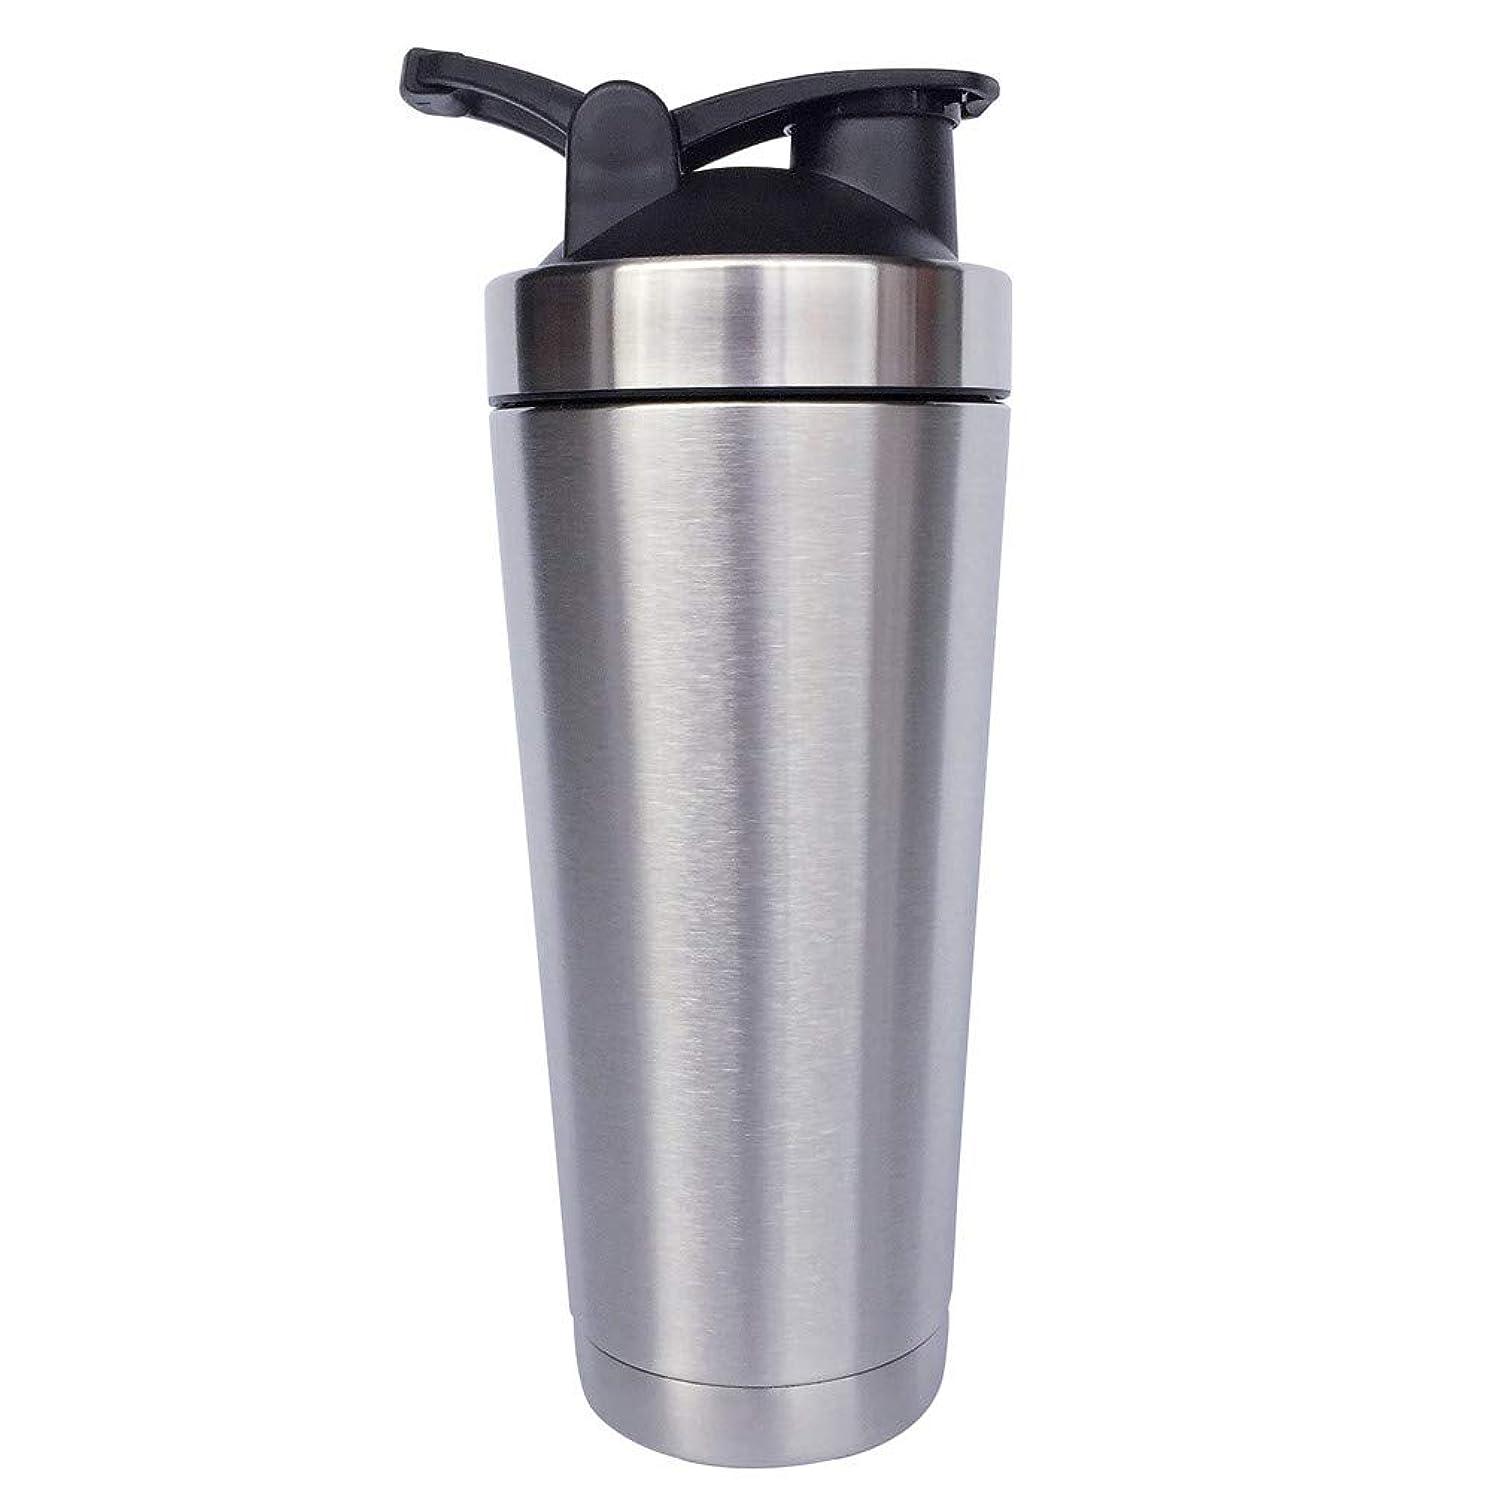 罰する粉砕する対人シェーカーボトル-二重壁ステンレス鋼 & 真空断熱-時間のためのホットまたはコールドドリンクをキープ-臭気耐性抗菌汗プルーフ-環境にやさしい無毒 (銀),720ml